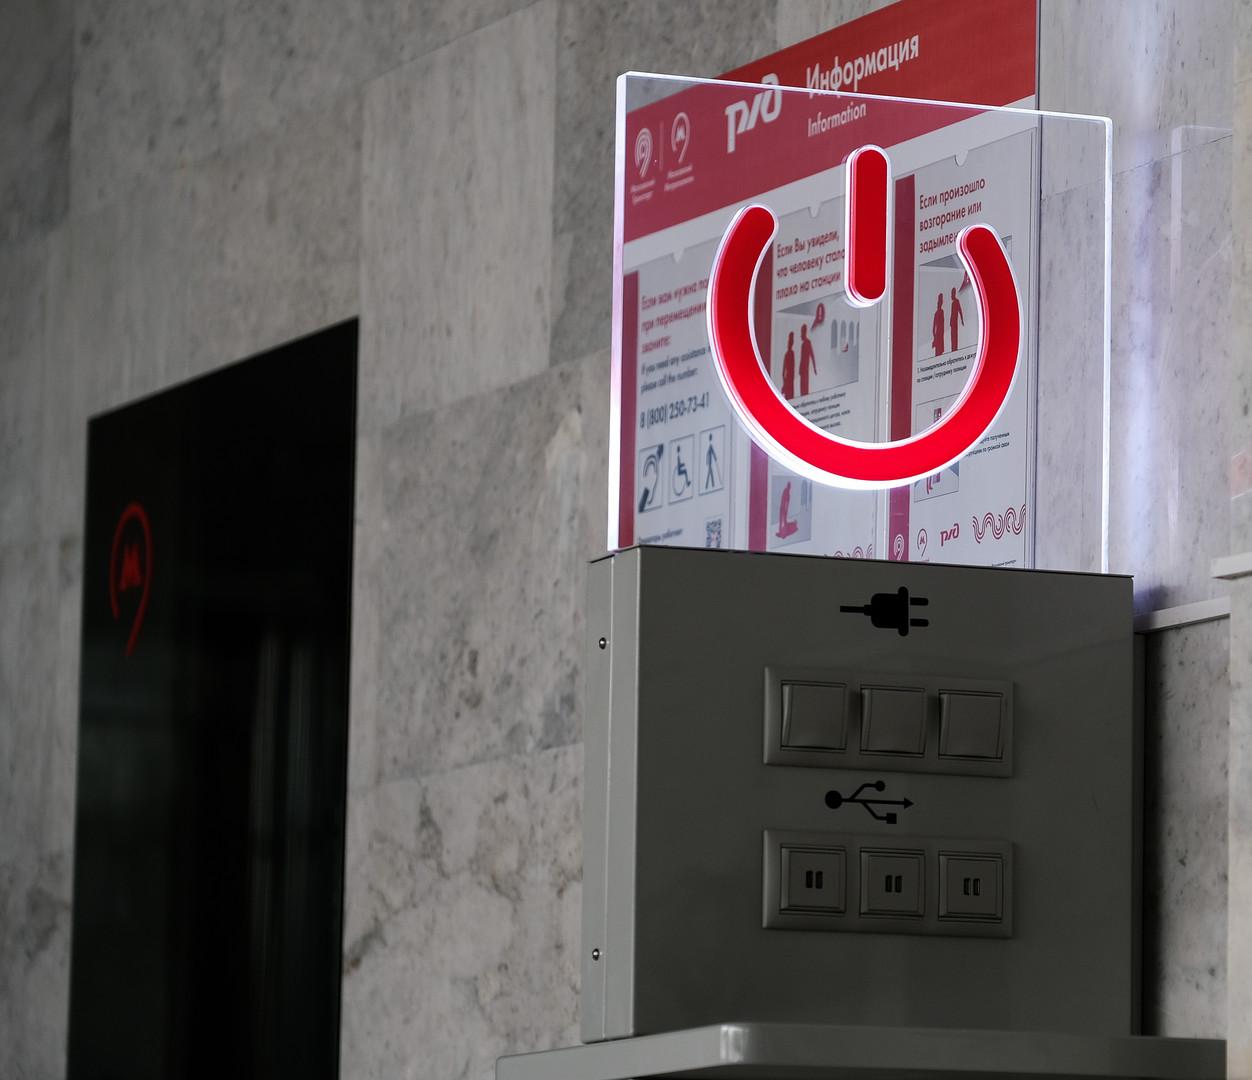 Das hat in der U-Bahn richtig gefehlt! Die Stationen des Kleinen Rings sowie die Züge verfügen über Steckdosen zum Aufladen von Smartphones.